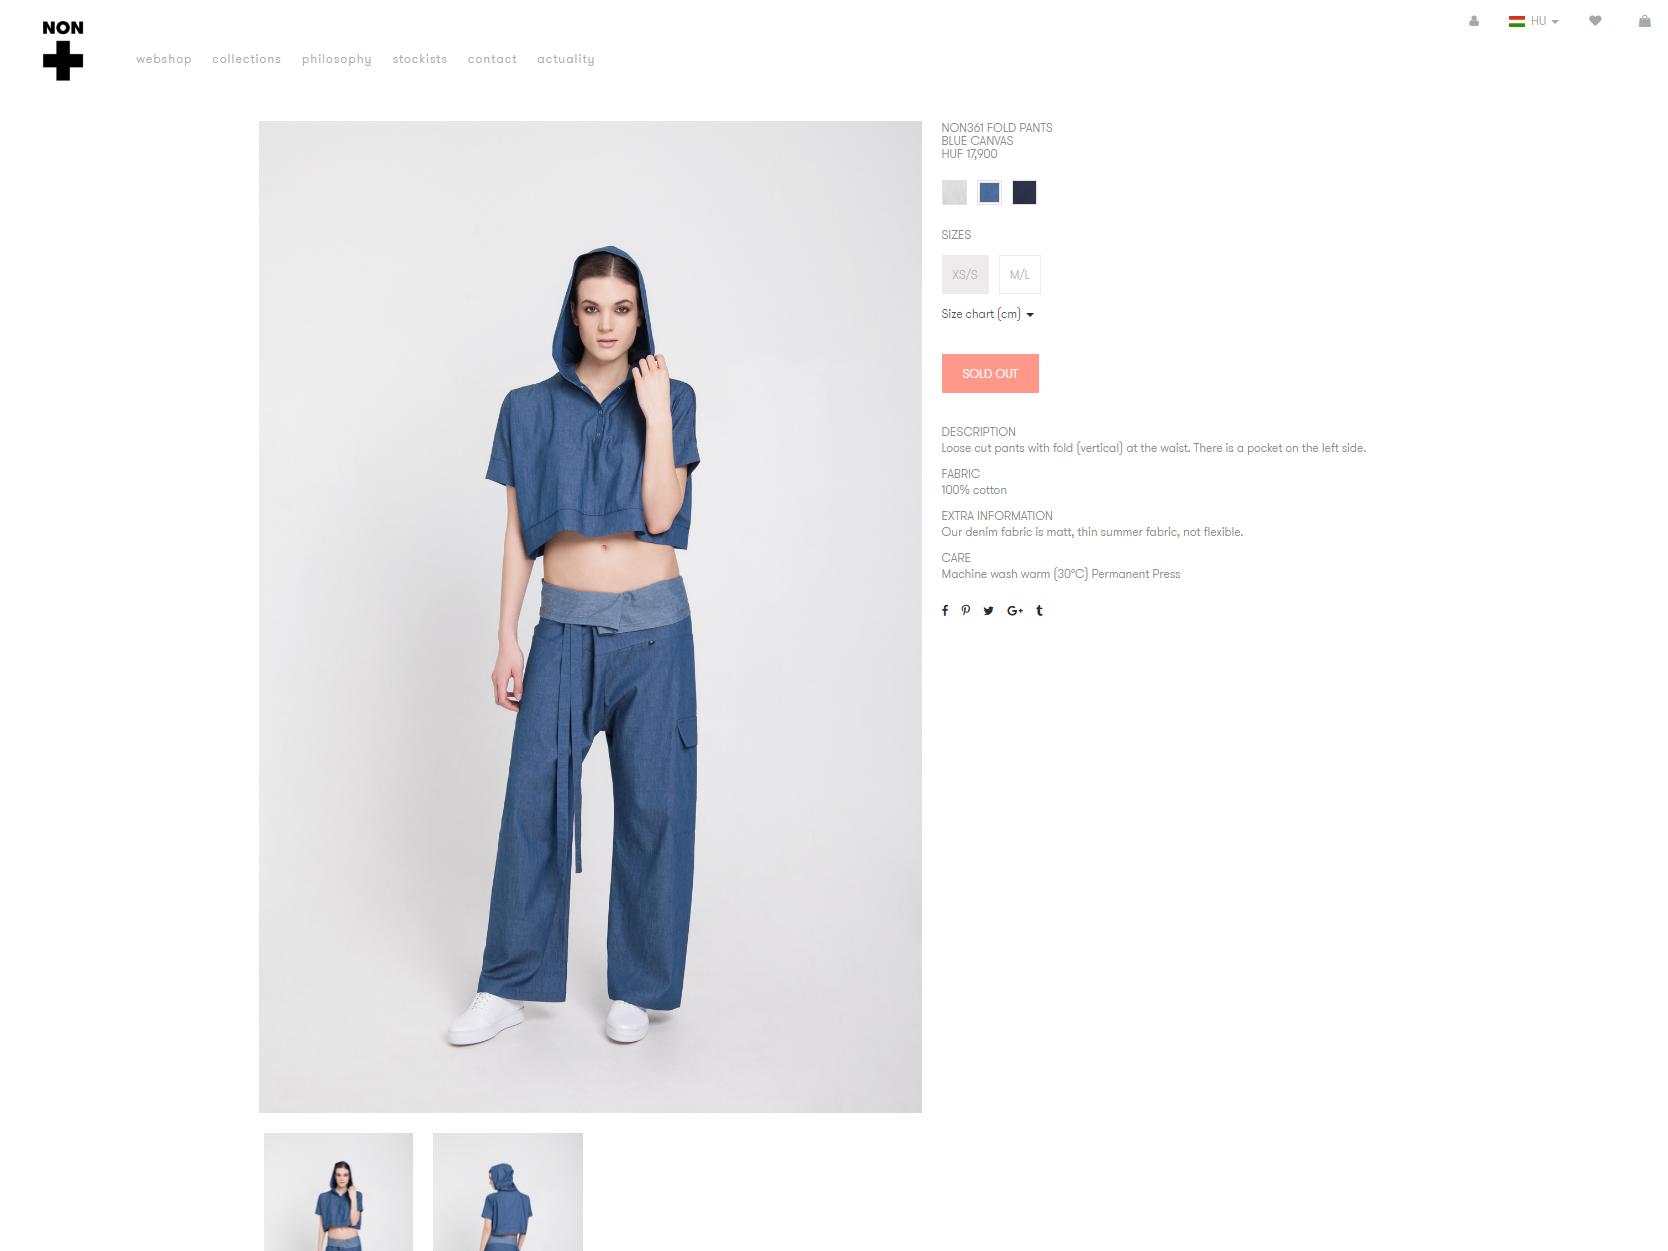 screencapture-nonplusz-hu-en-style-non361-fold-pants-blue-canvas-1493821587812.png